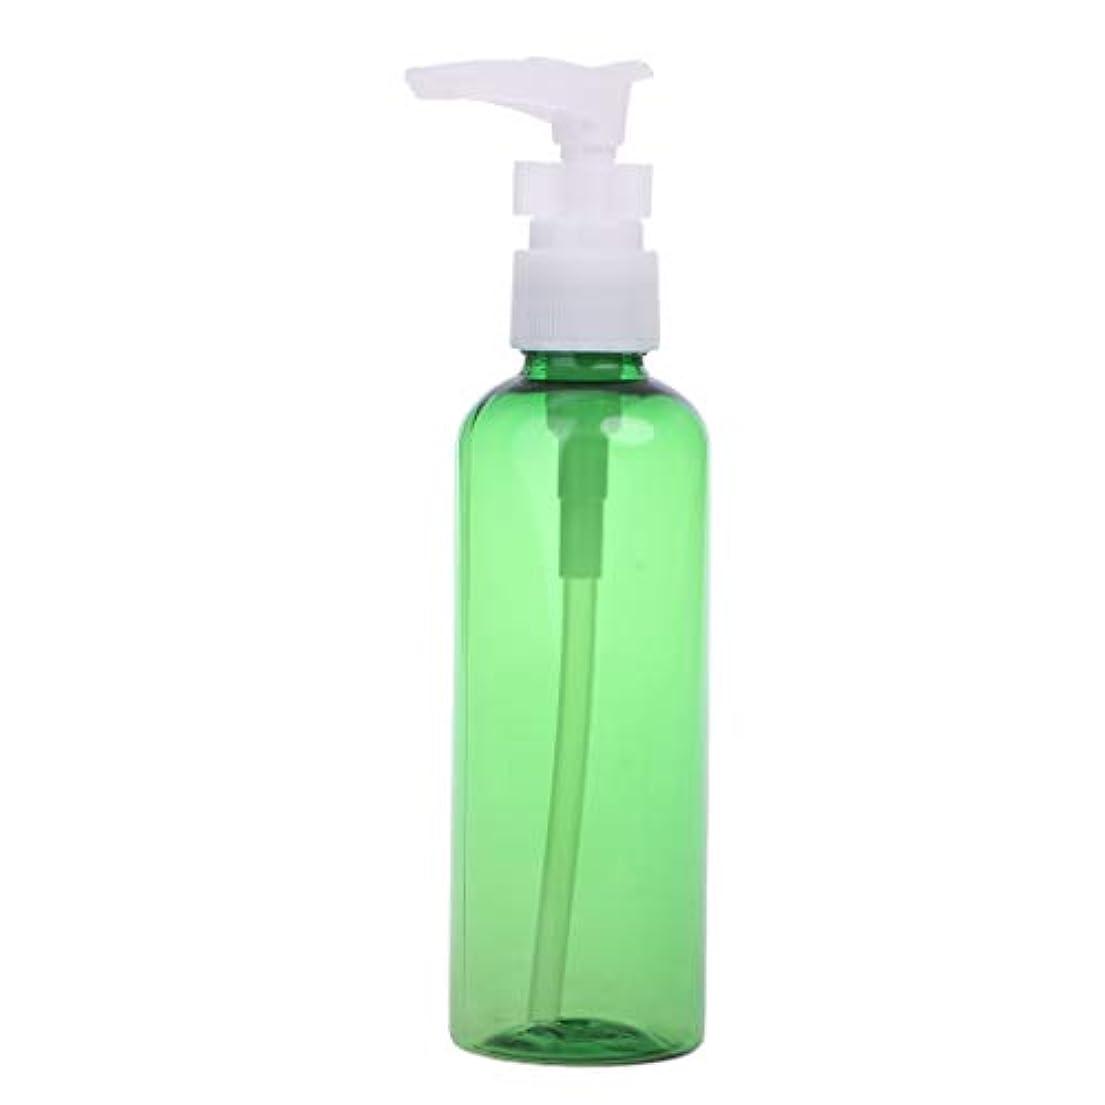 選択詩予想するDabixx 1ピース30ミリリットル - 100ミリリットル石鹸シャンプーローション泡水プラスチックプレスポンプスプレーボトル - 深緑 - 100ML